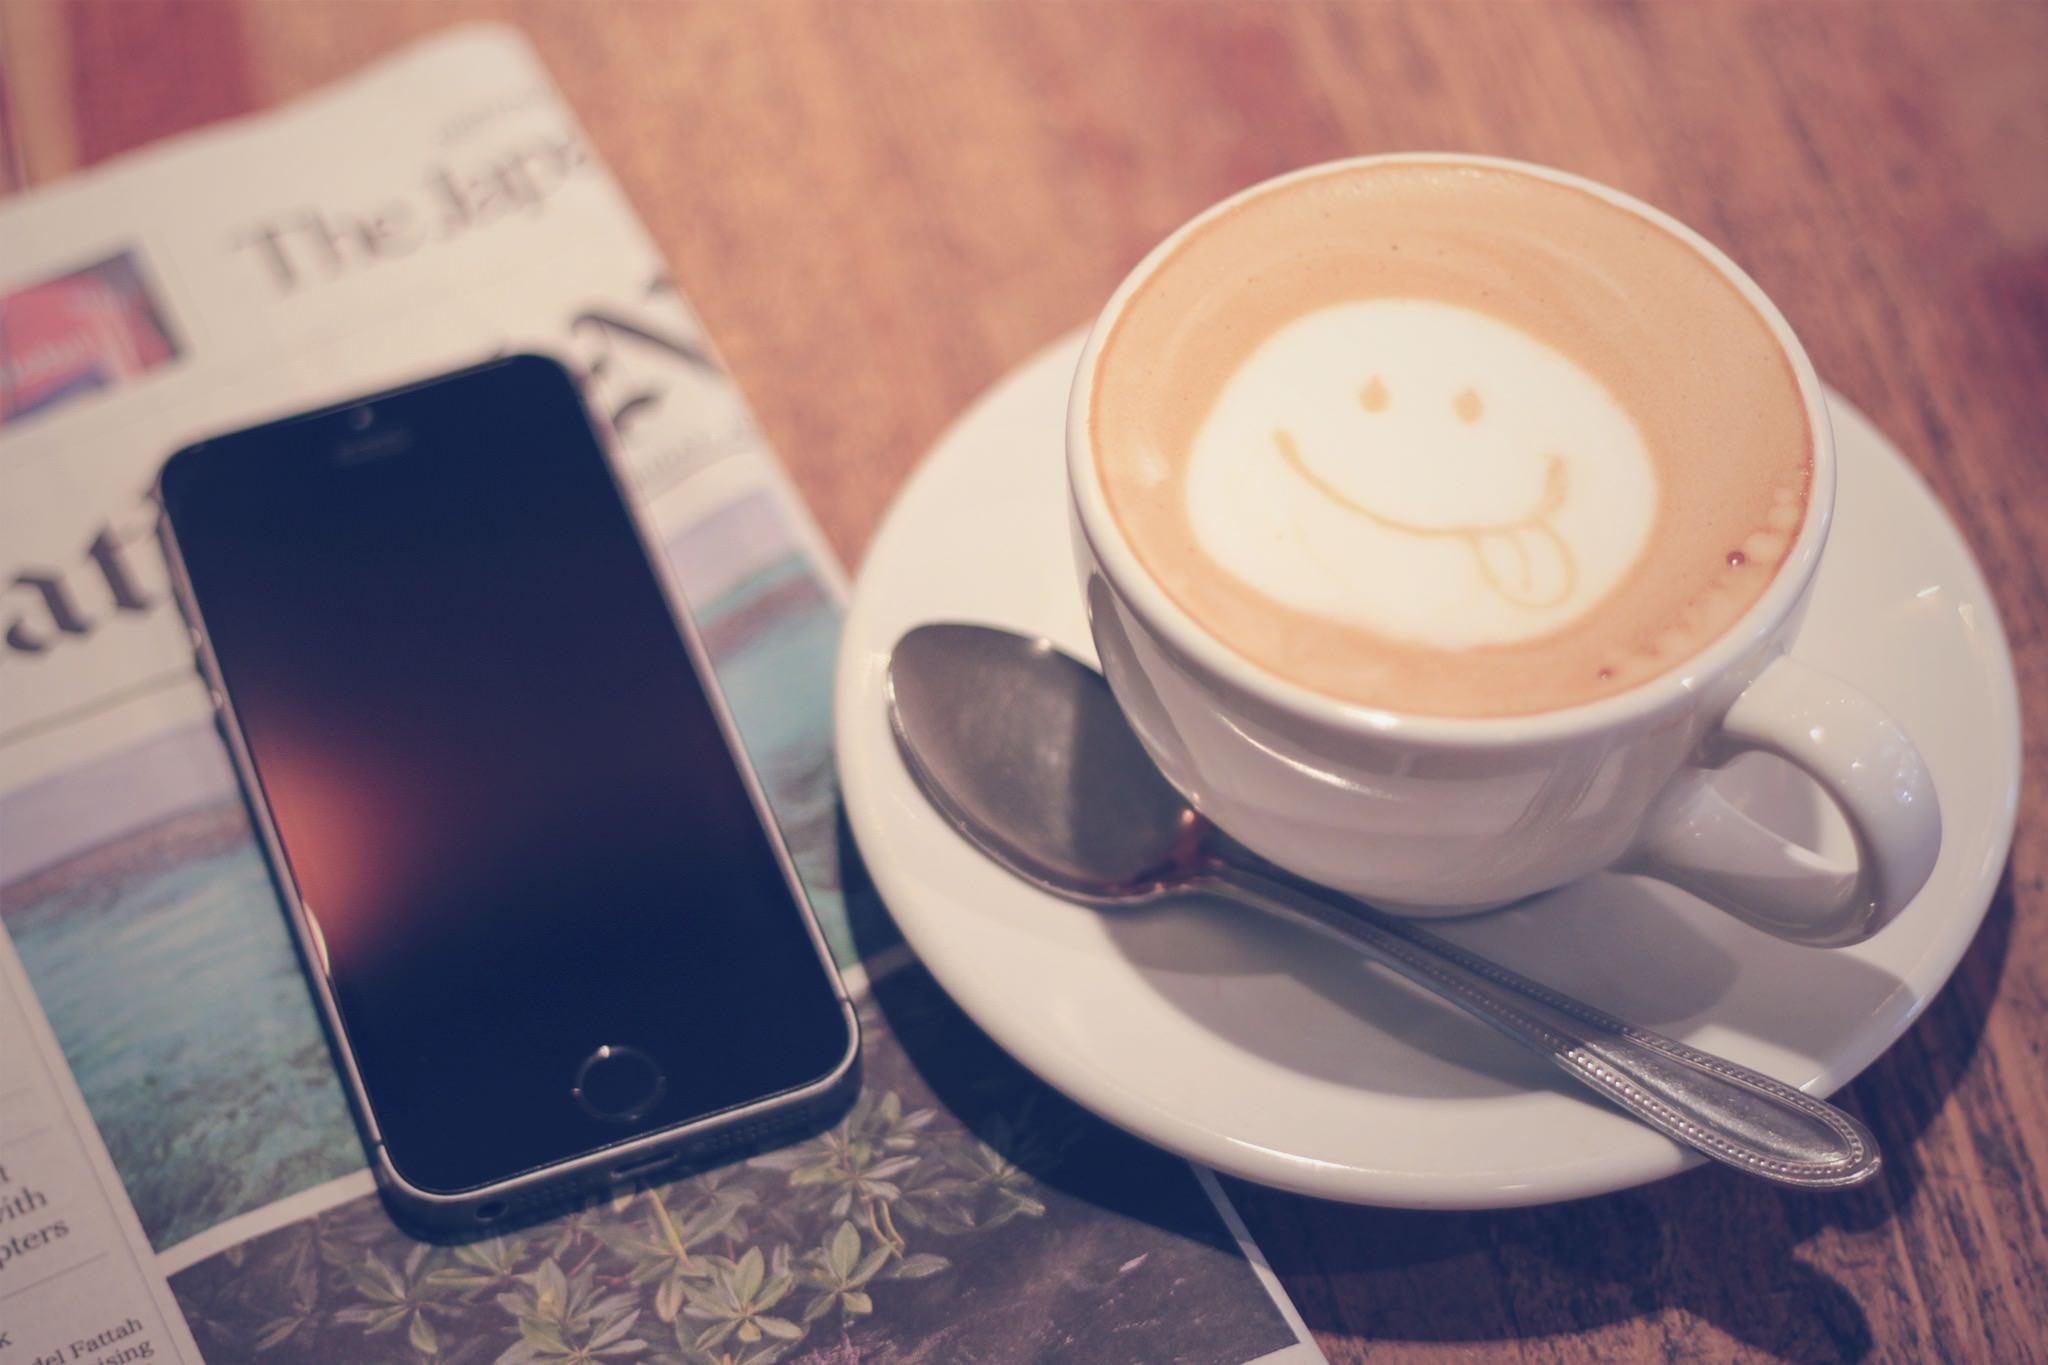 「カフェ 画像 無料」の画像検索結果